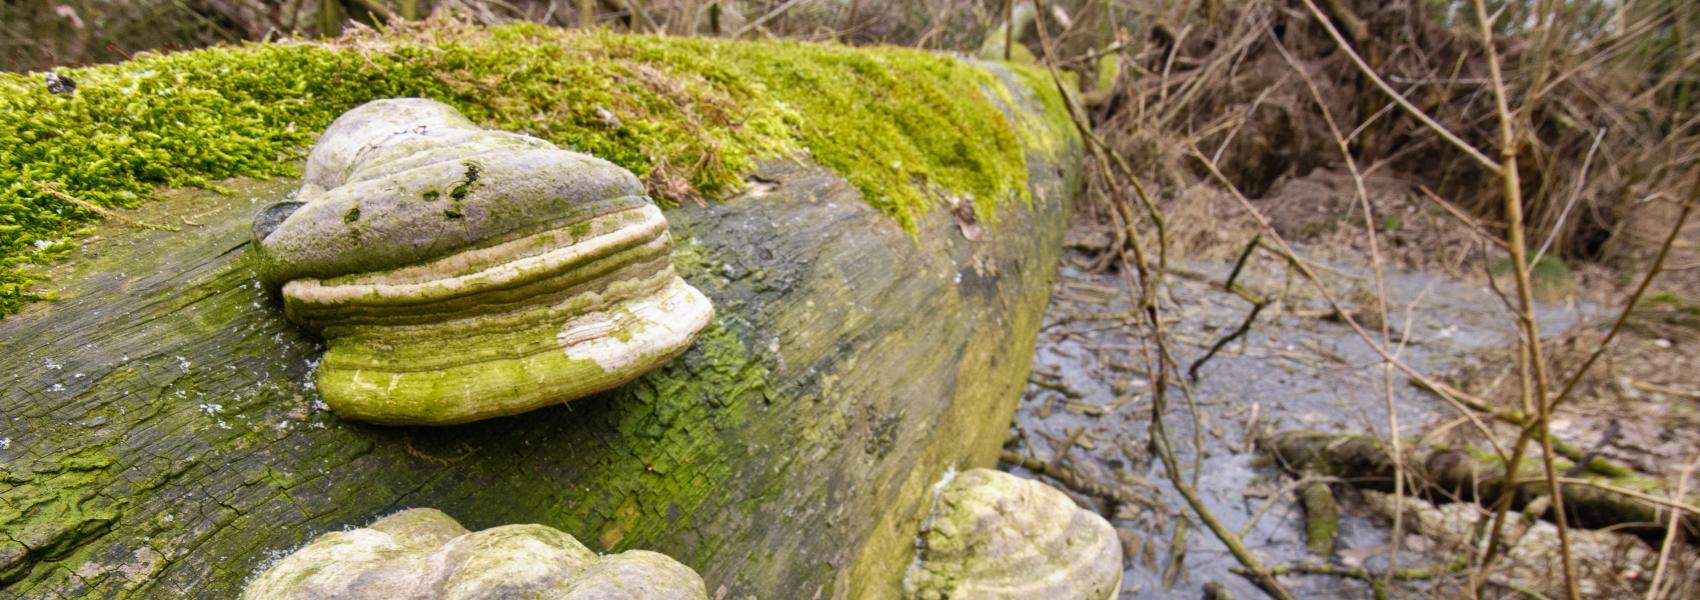 paddenstoelen op boomstam